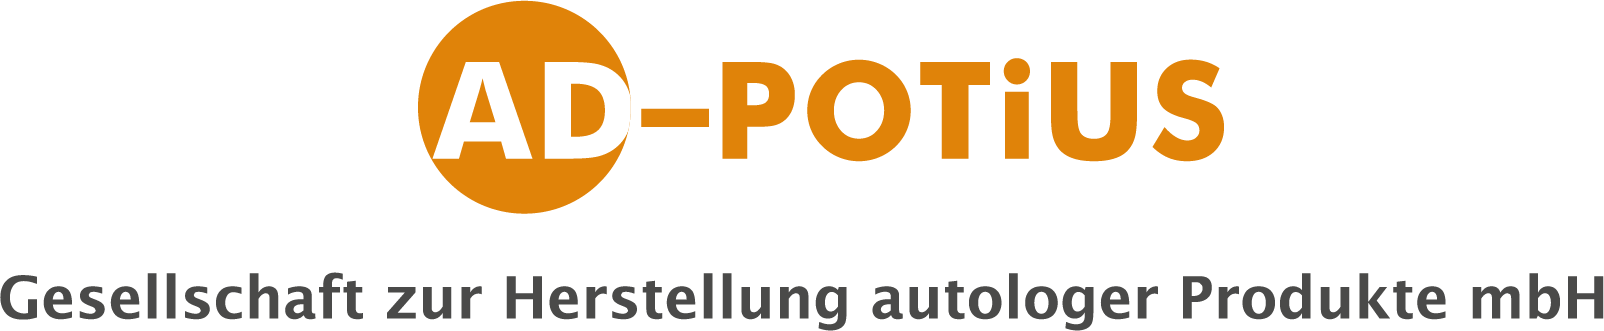 Ad-potius